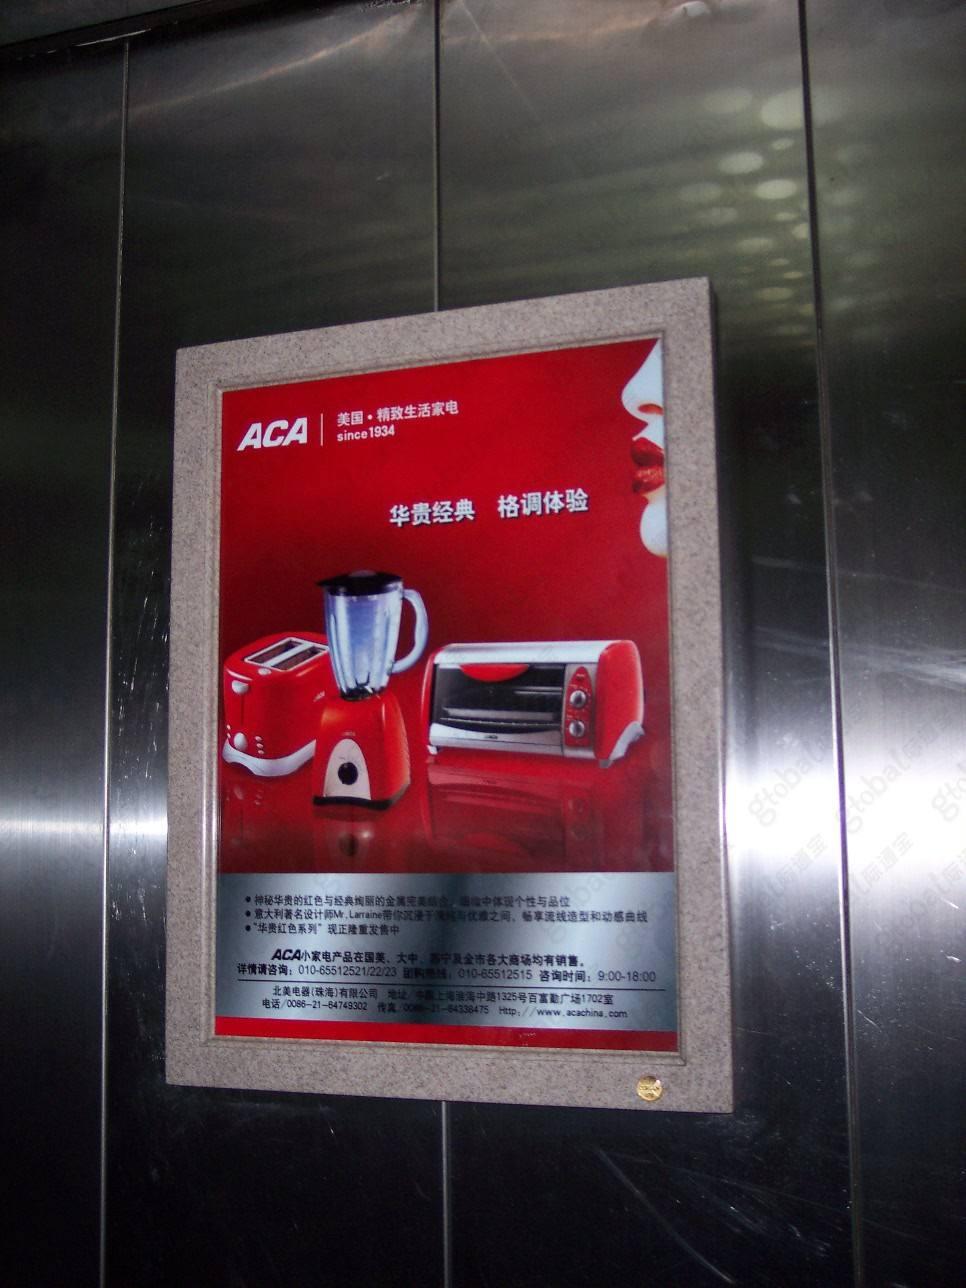 贵阳高端小区电梯广告-分众资源低至2折